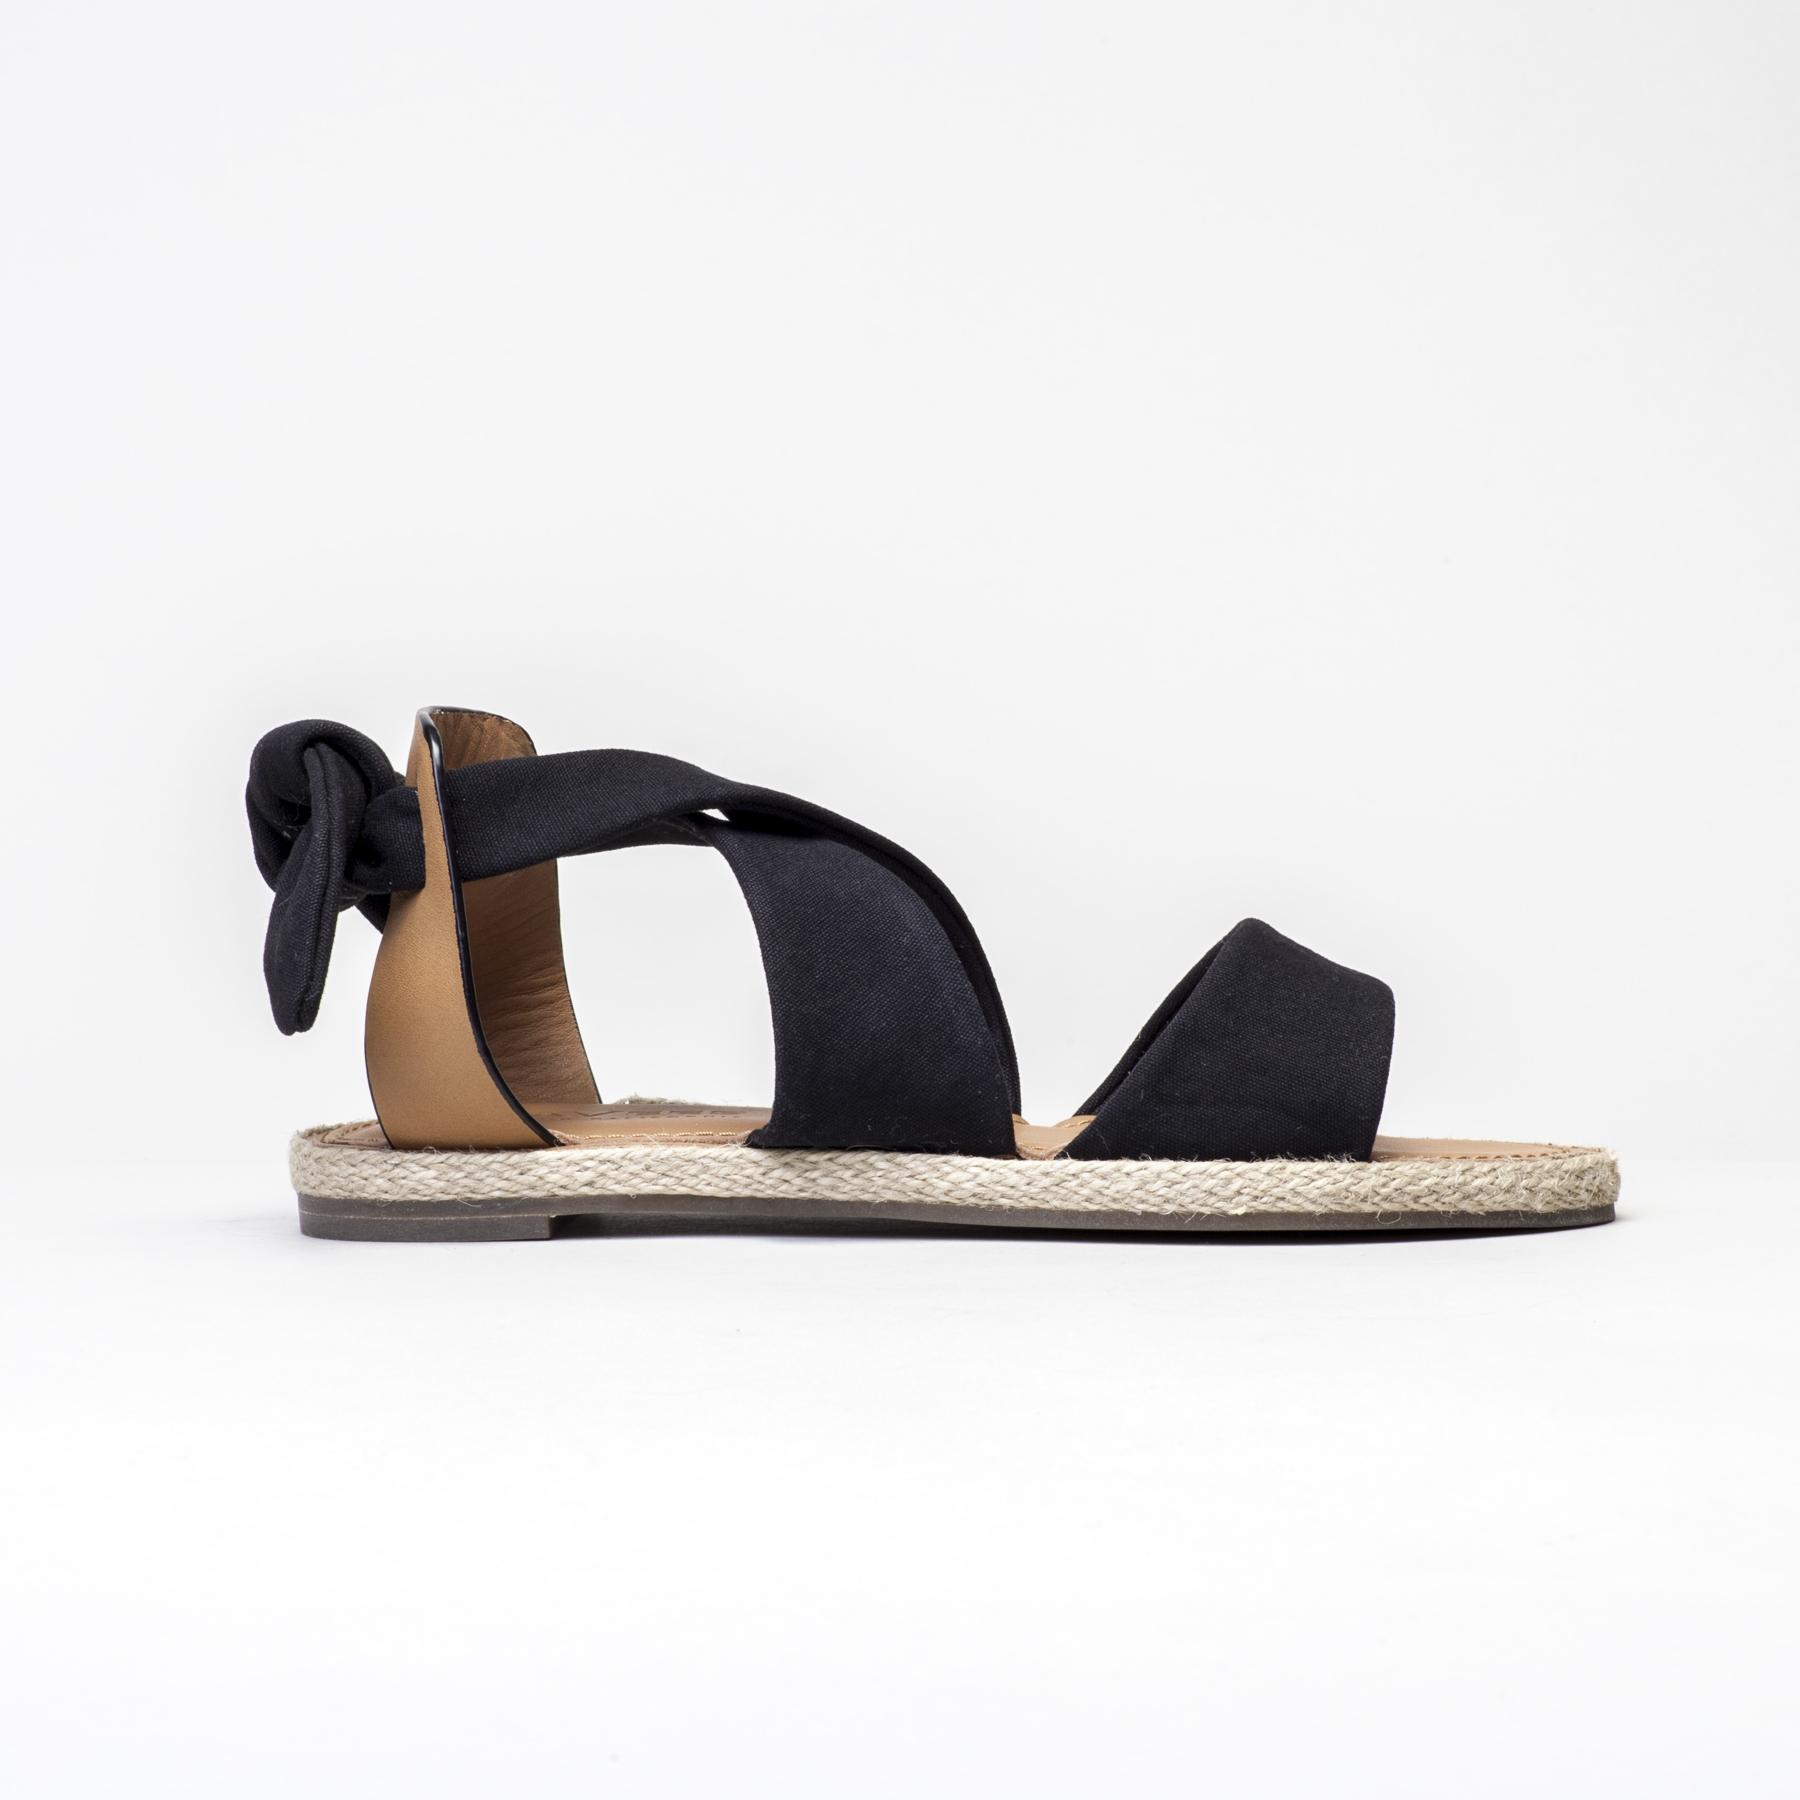 2016 Seavees Womens Bayside Sandal in Black